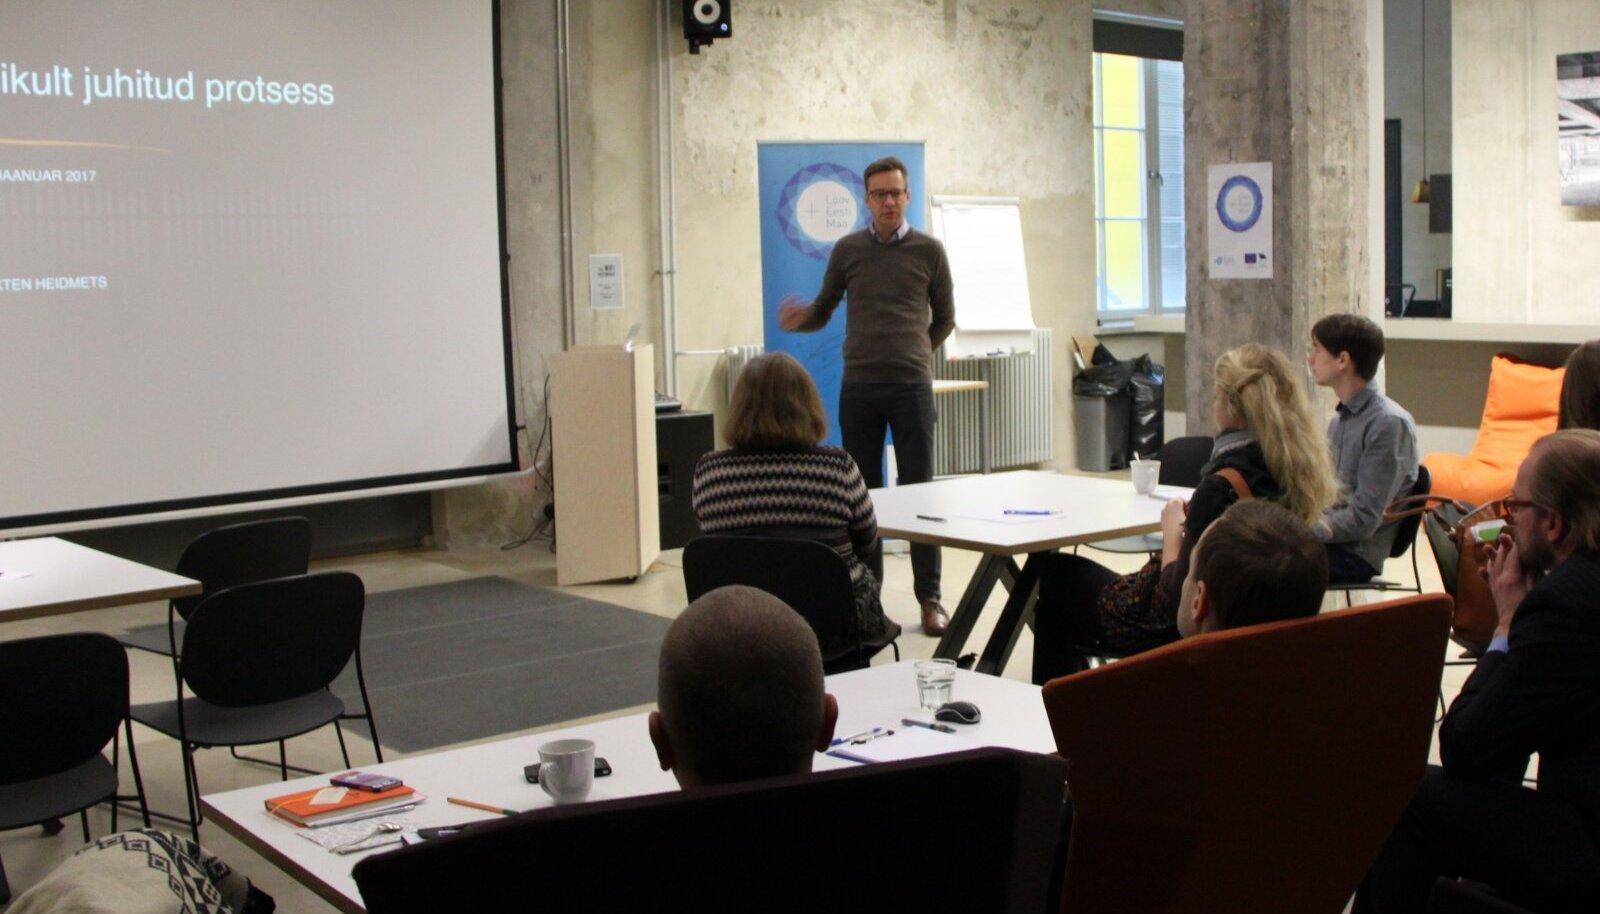 Lisaks veebipõhisele õppele kogunetakse PESAs paar korda aastas, et üksteist tundma õppida ja kogemusi vahetada